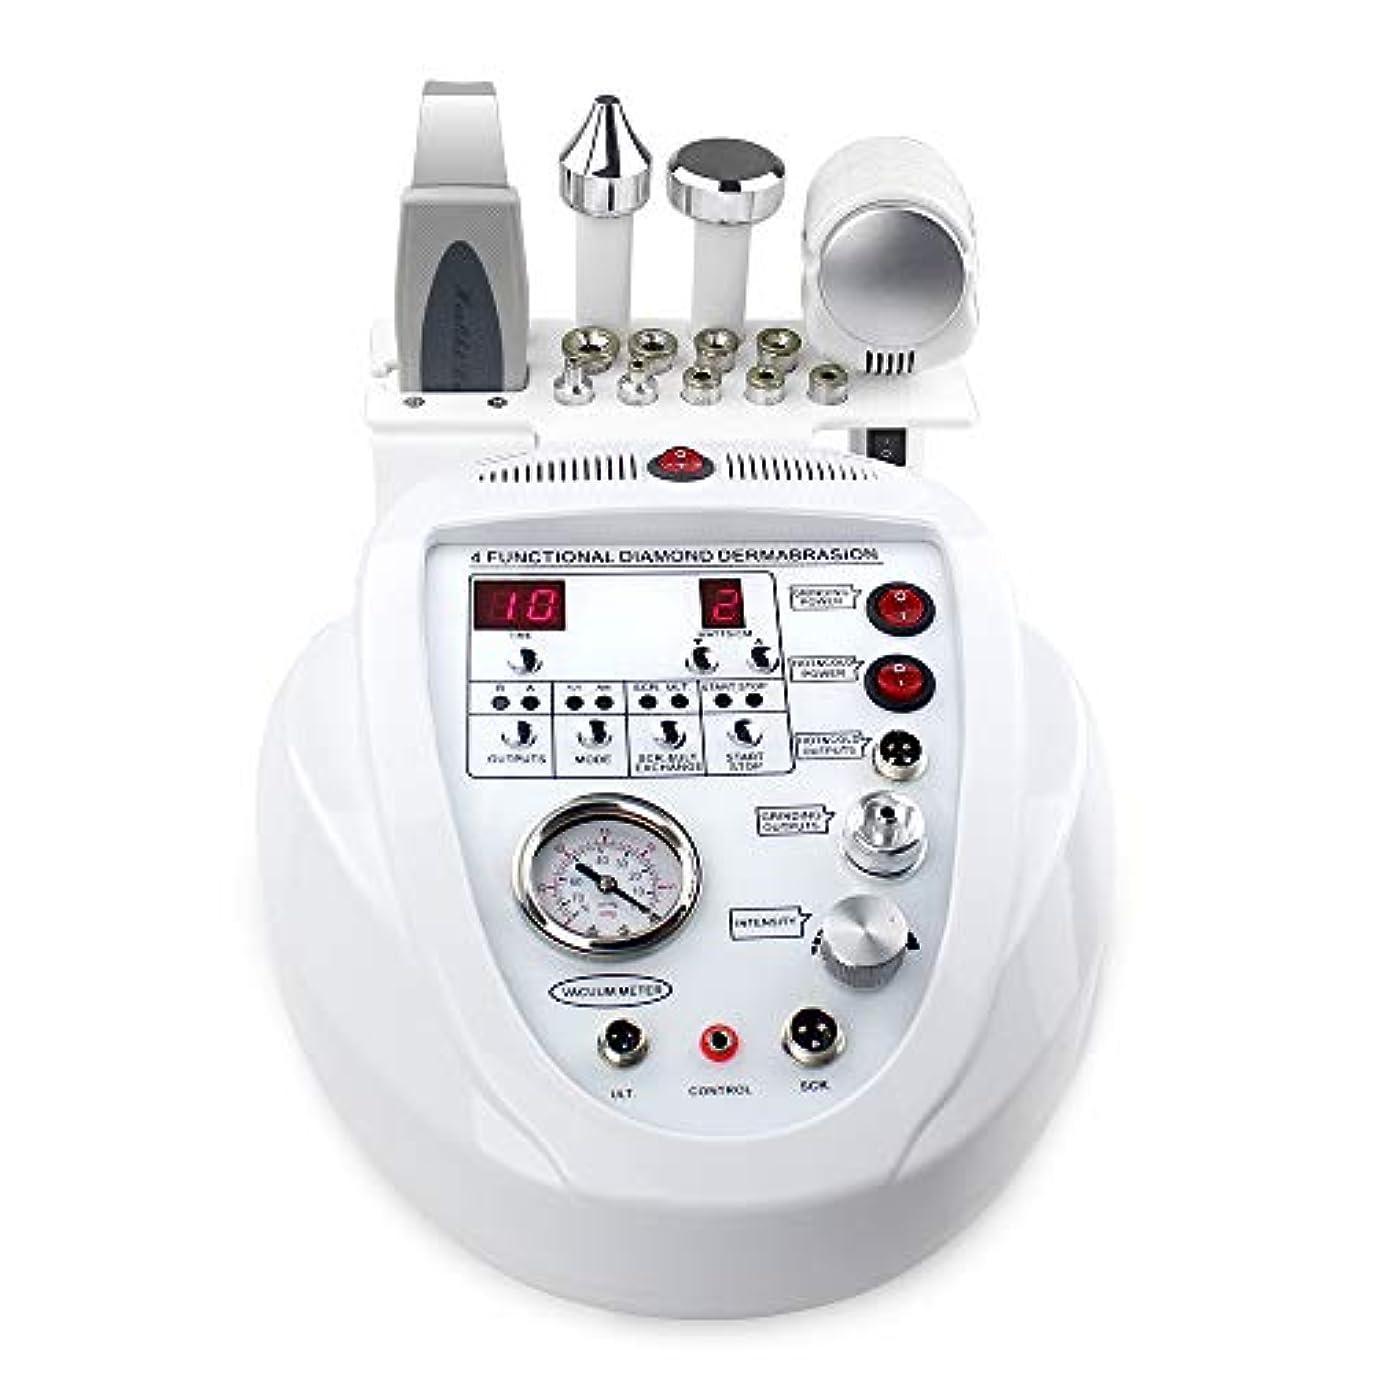 吐く偏差モルヒネ個人的な家の使用のための1つの携帯用ダイヤモンドのマイクロダーマブレーションDermabrasion機械顔の心配の大広間装置に付き5つ